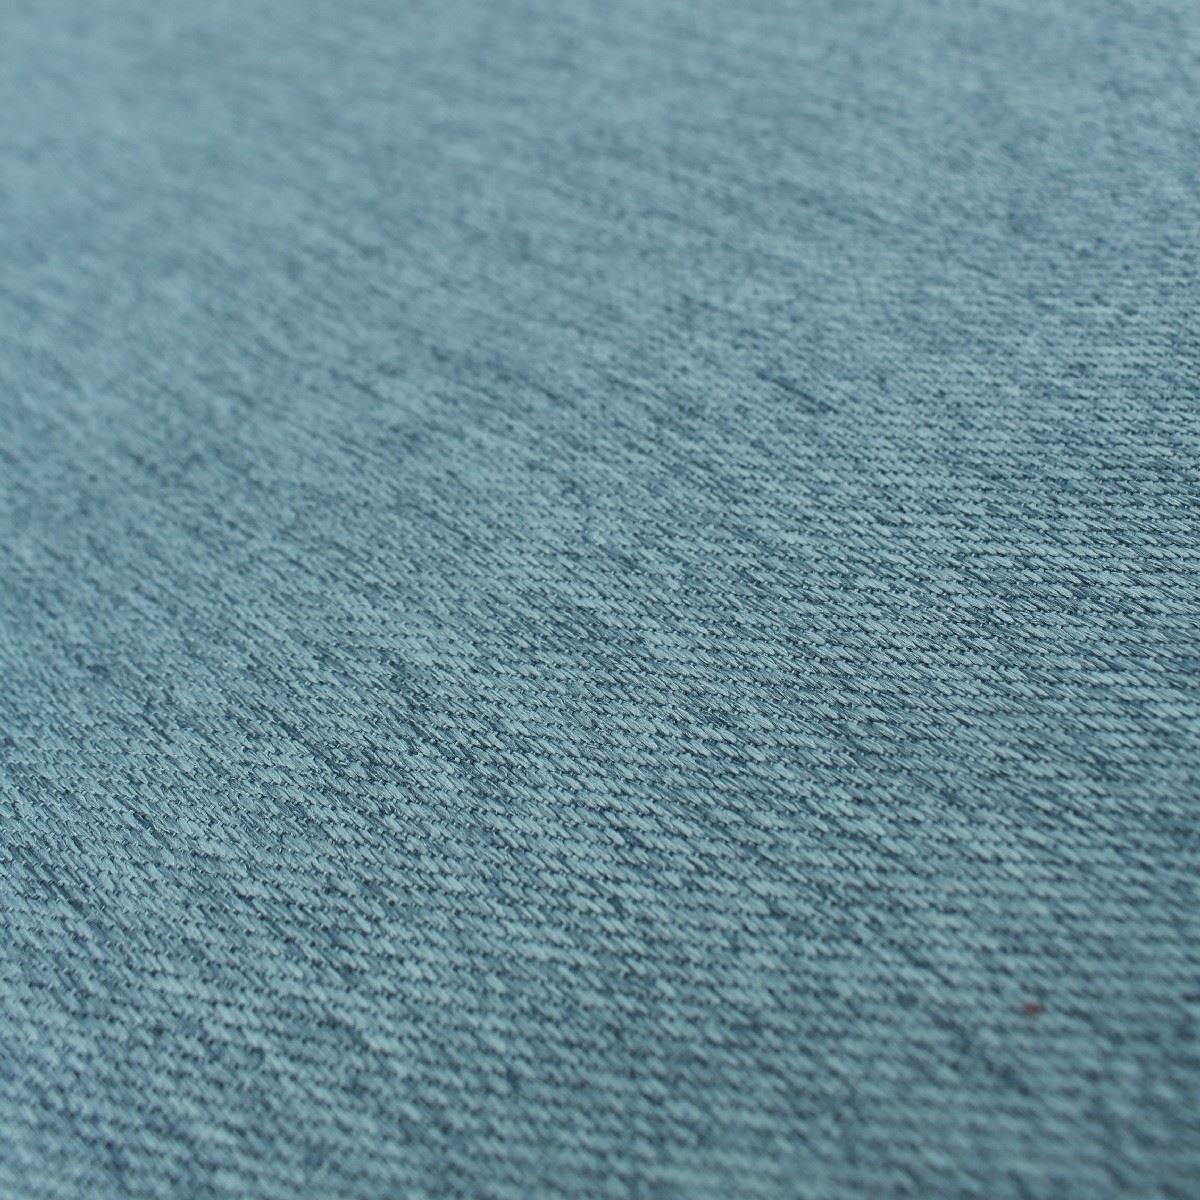 Cerceta Azul Brillo Lino Look saphielle Satén de imitación con textura de tela de tapicería